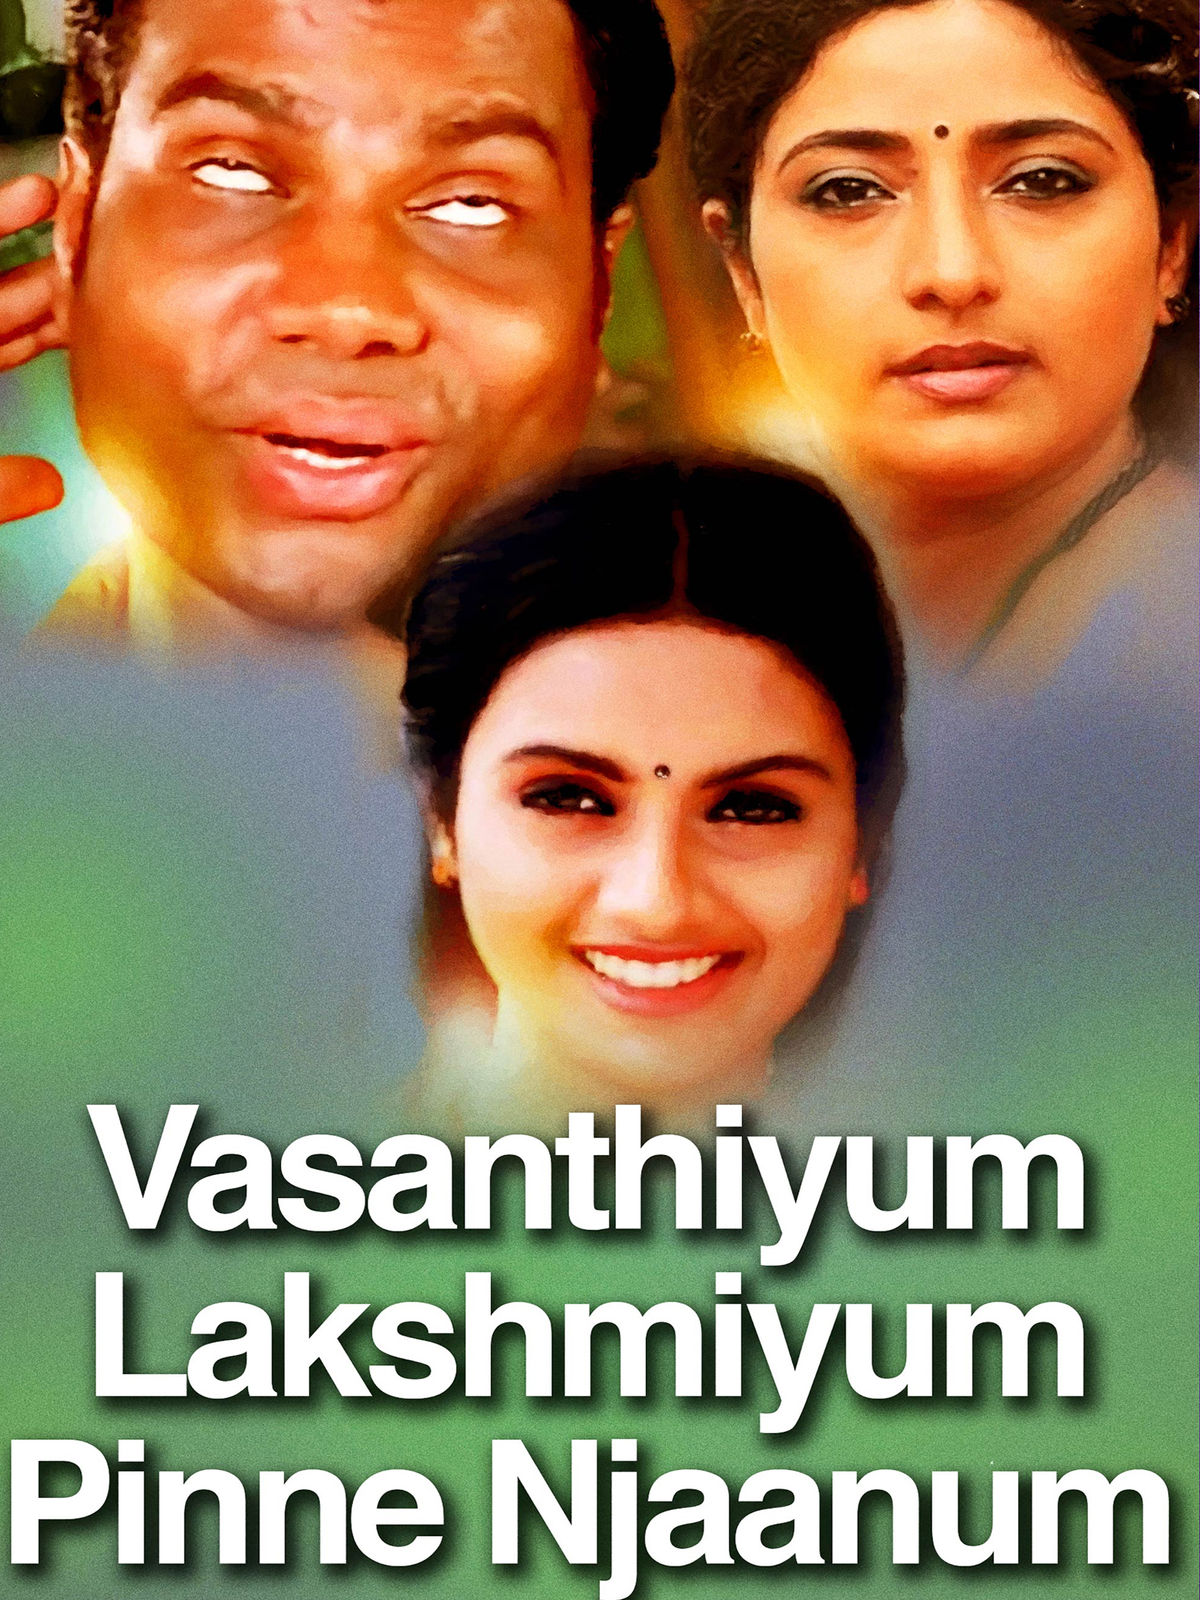 Vasanthiyum Lakshmiyum Pinne Njaanum